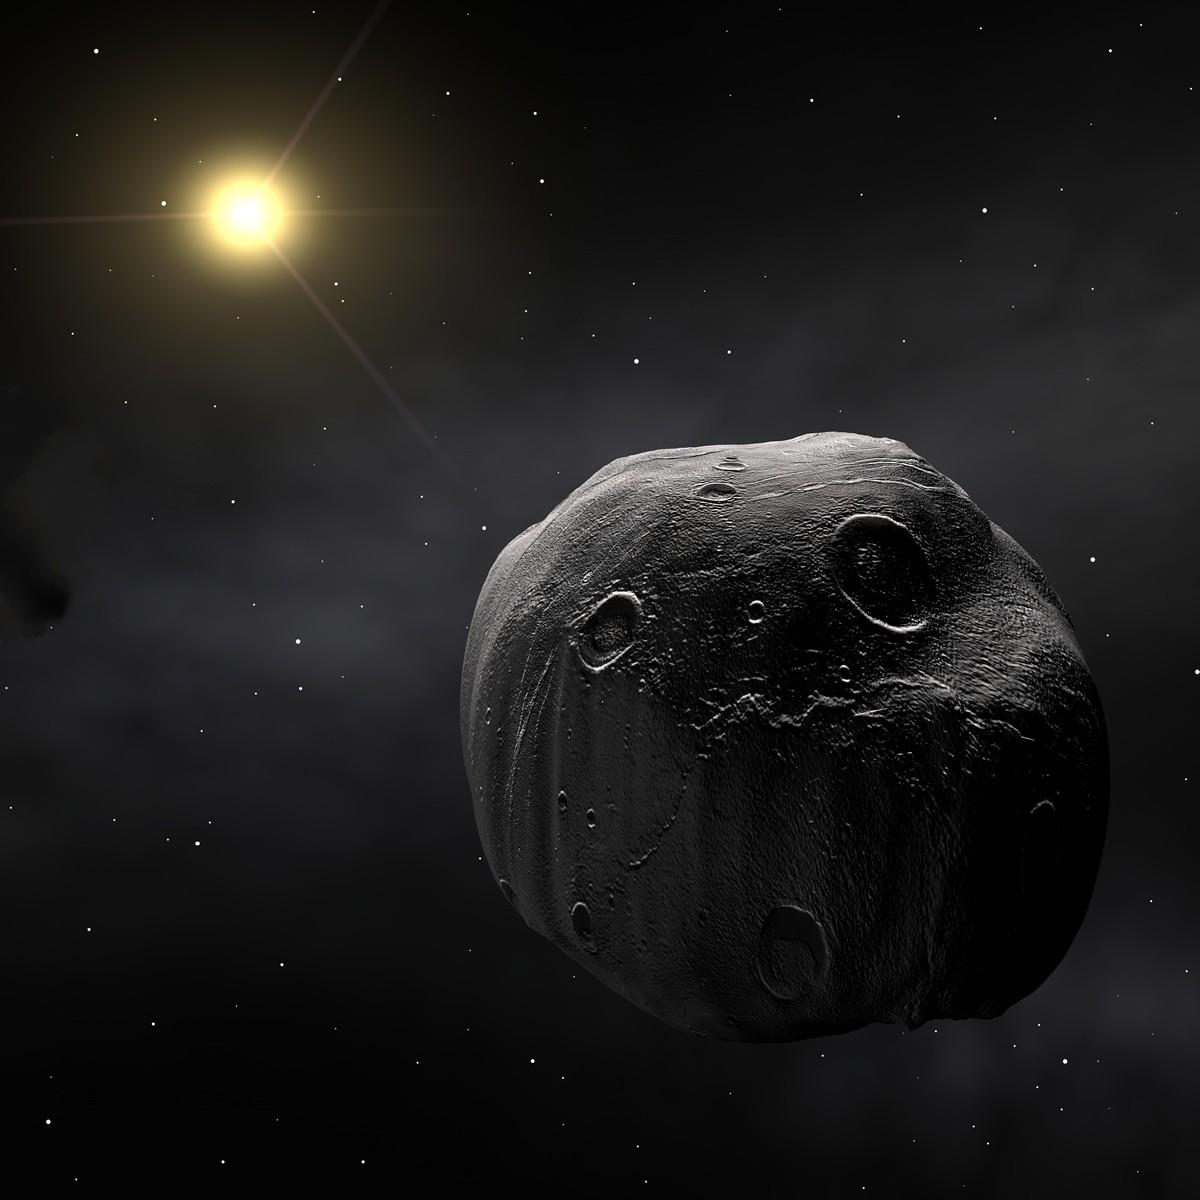 Ученые: В 2075-ом Земля может повстречаться састероидом-невидимкой